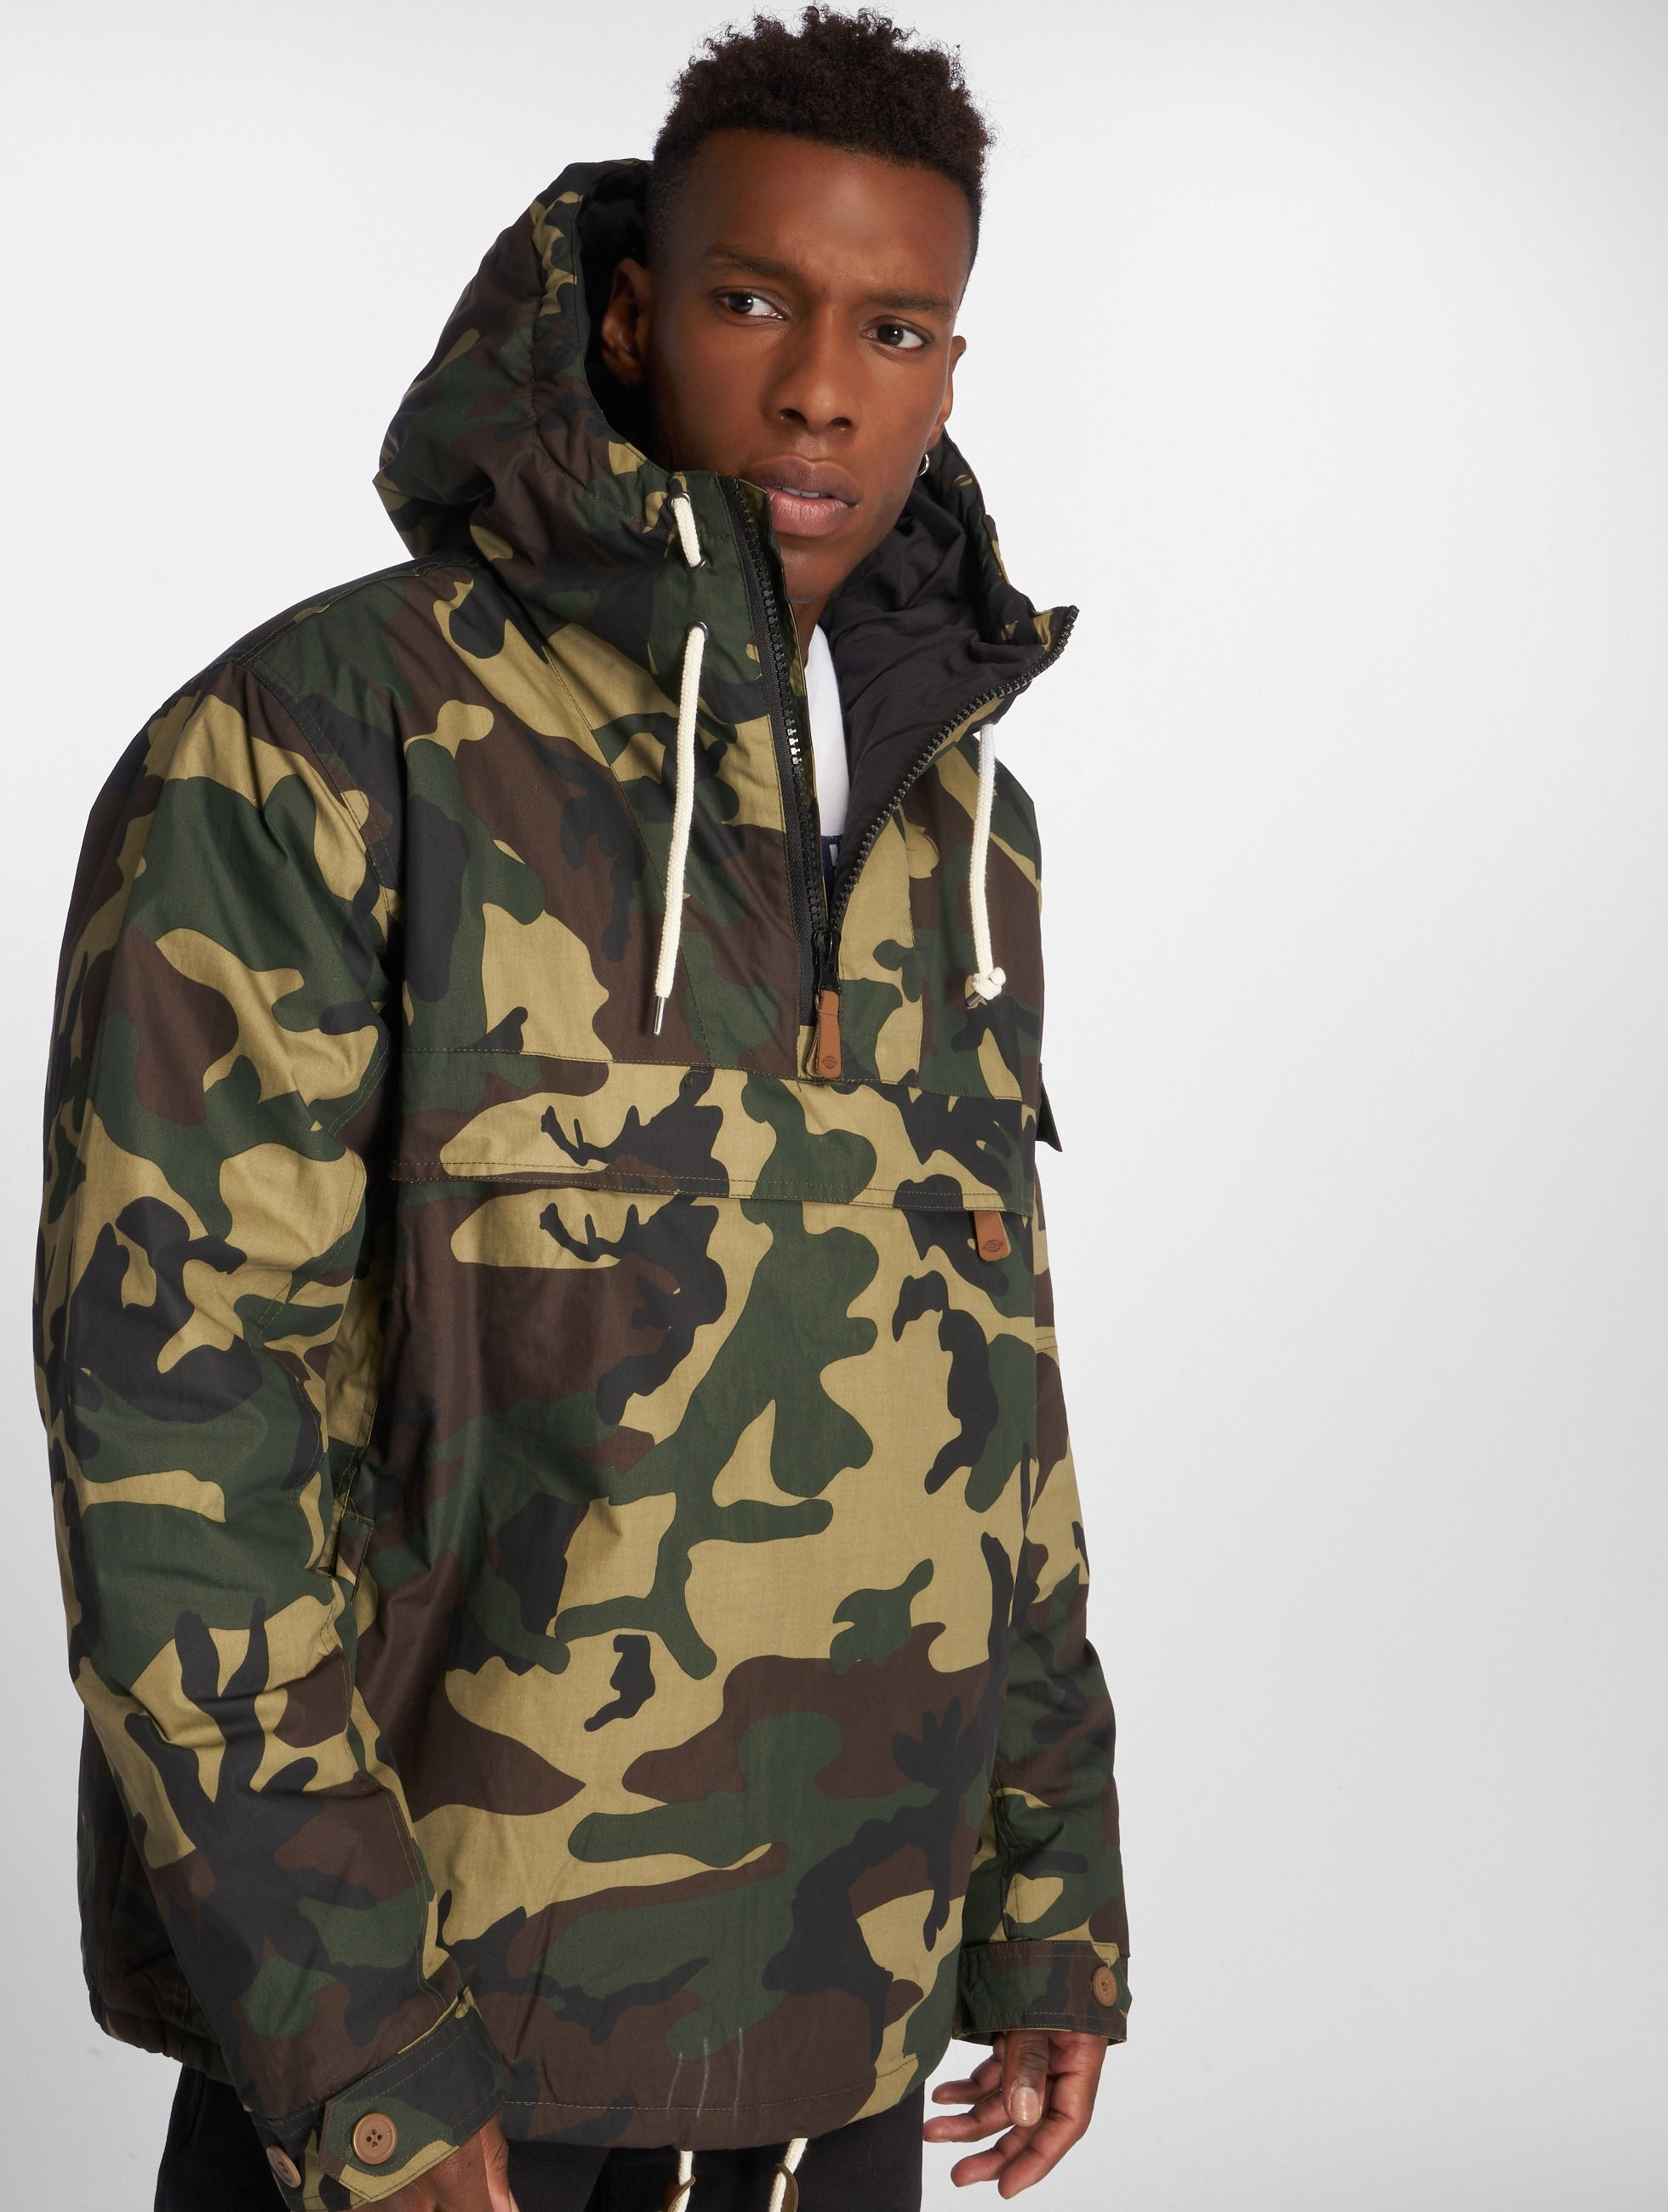 Dickies - Milford camouflage Homme Veste mi-saison légère Dickies acheter pas cher Manteau ...